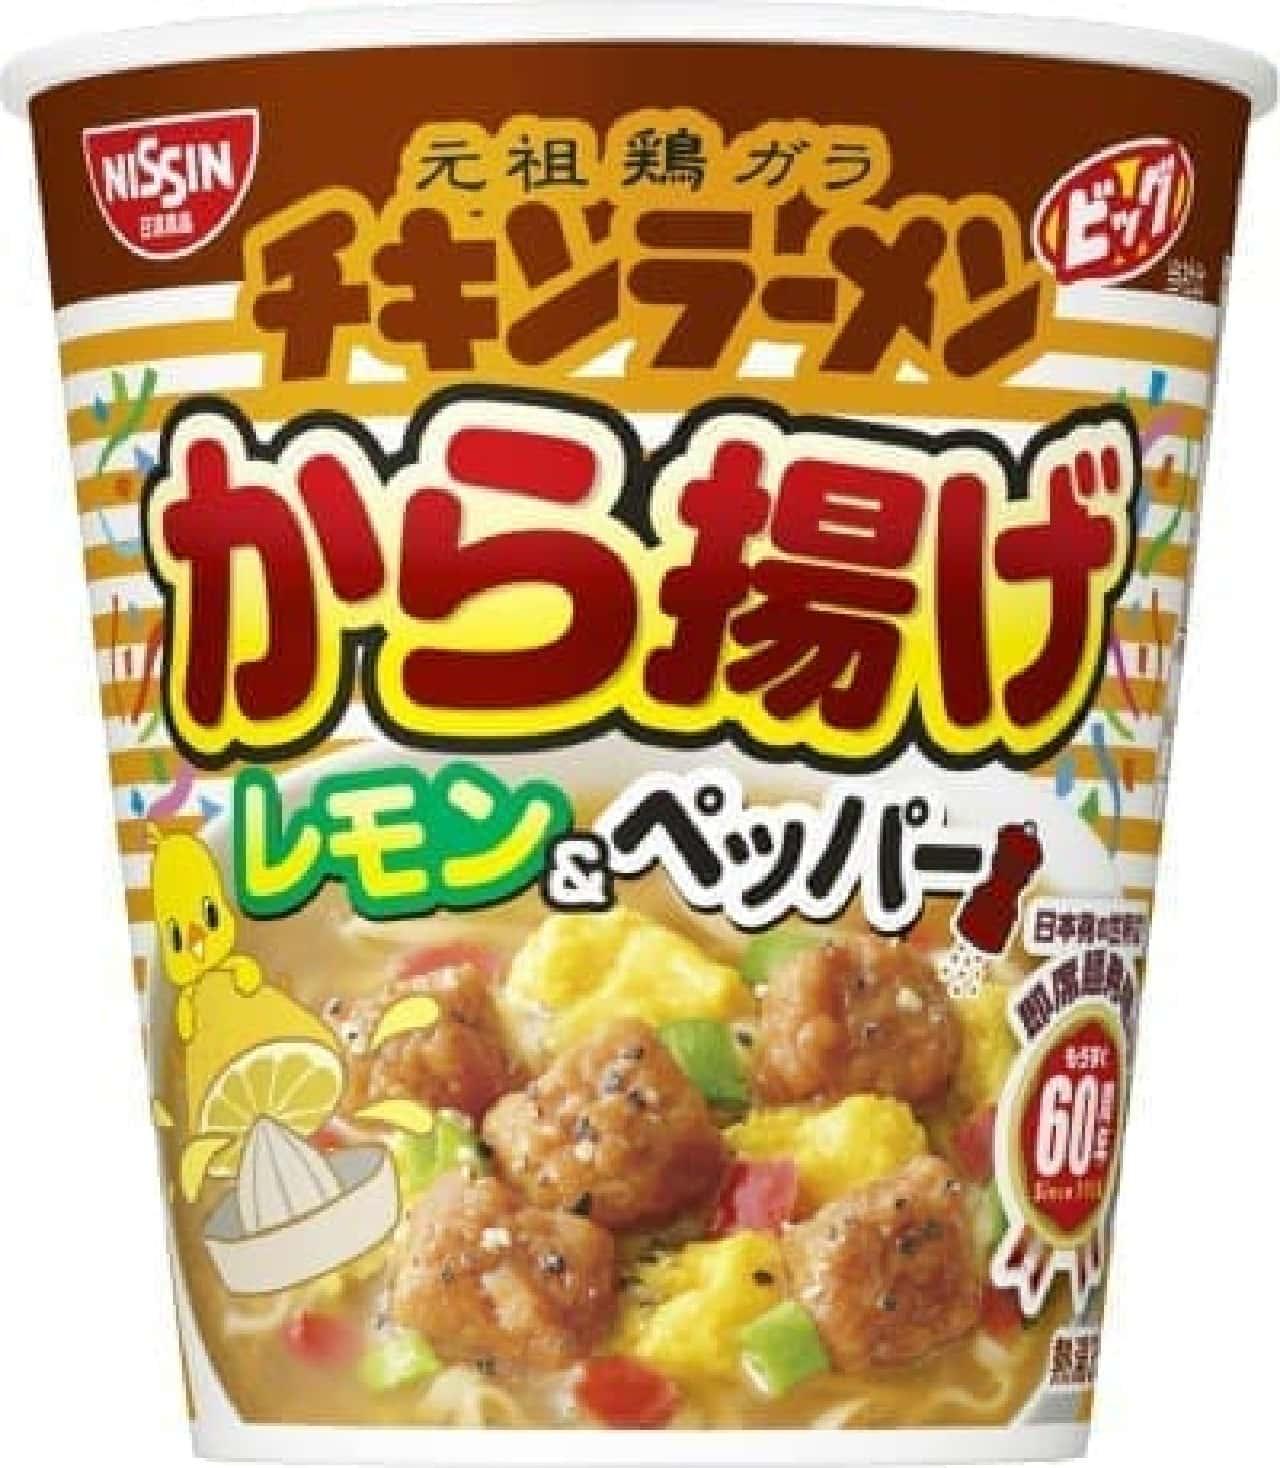 日清食品「チキンラーメンビッグカップ から揚げレモン&ペッパー」